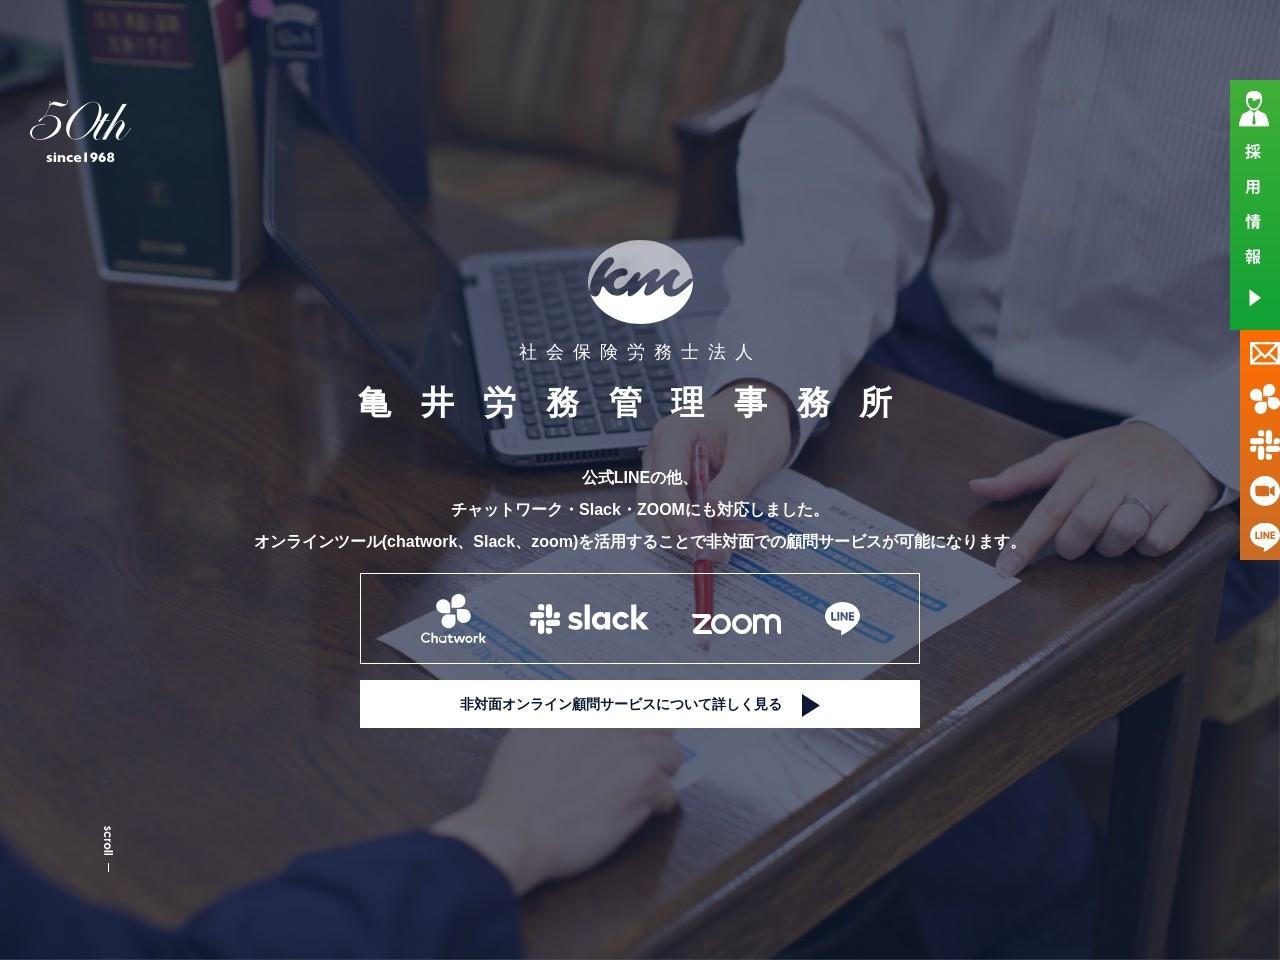 亀井労務管理事務所(社会保険労務士法人)